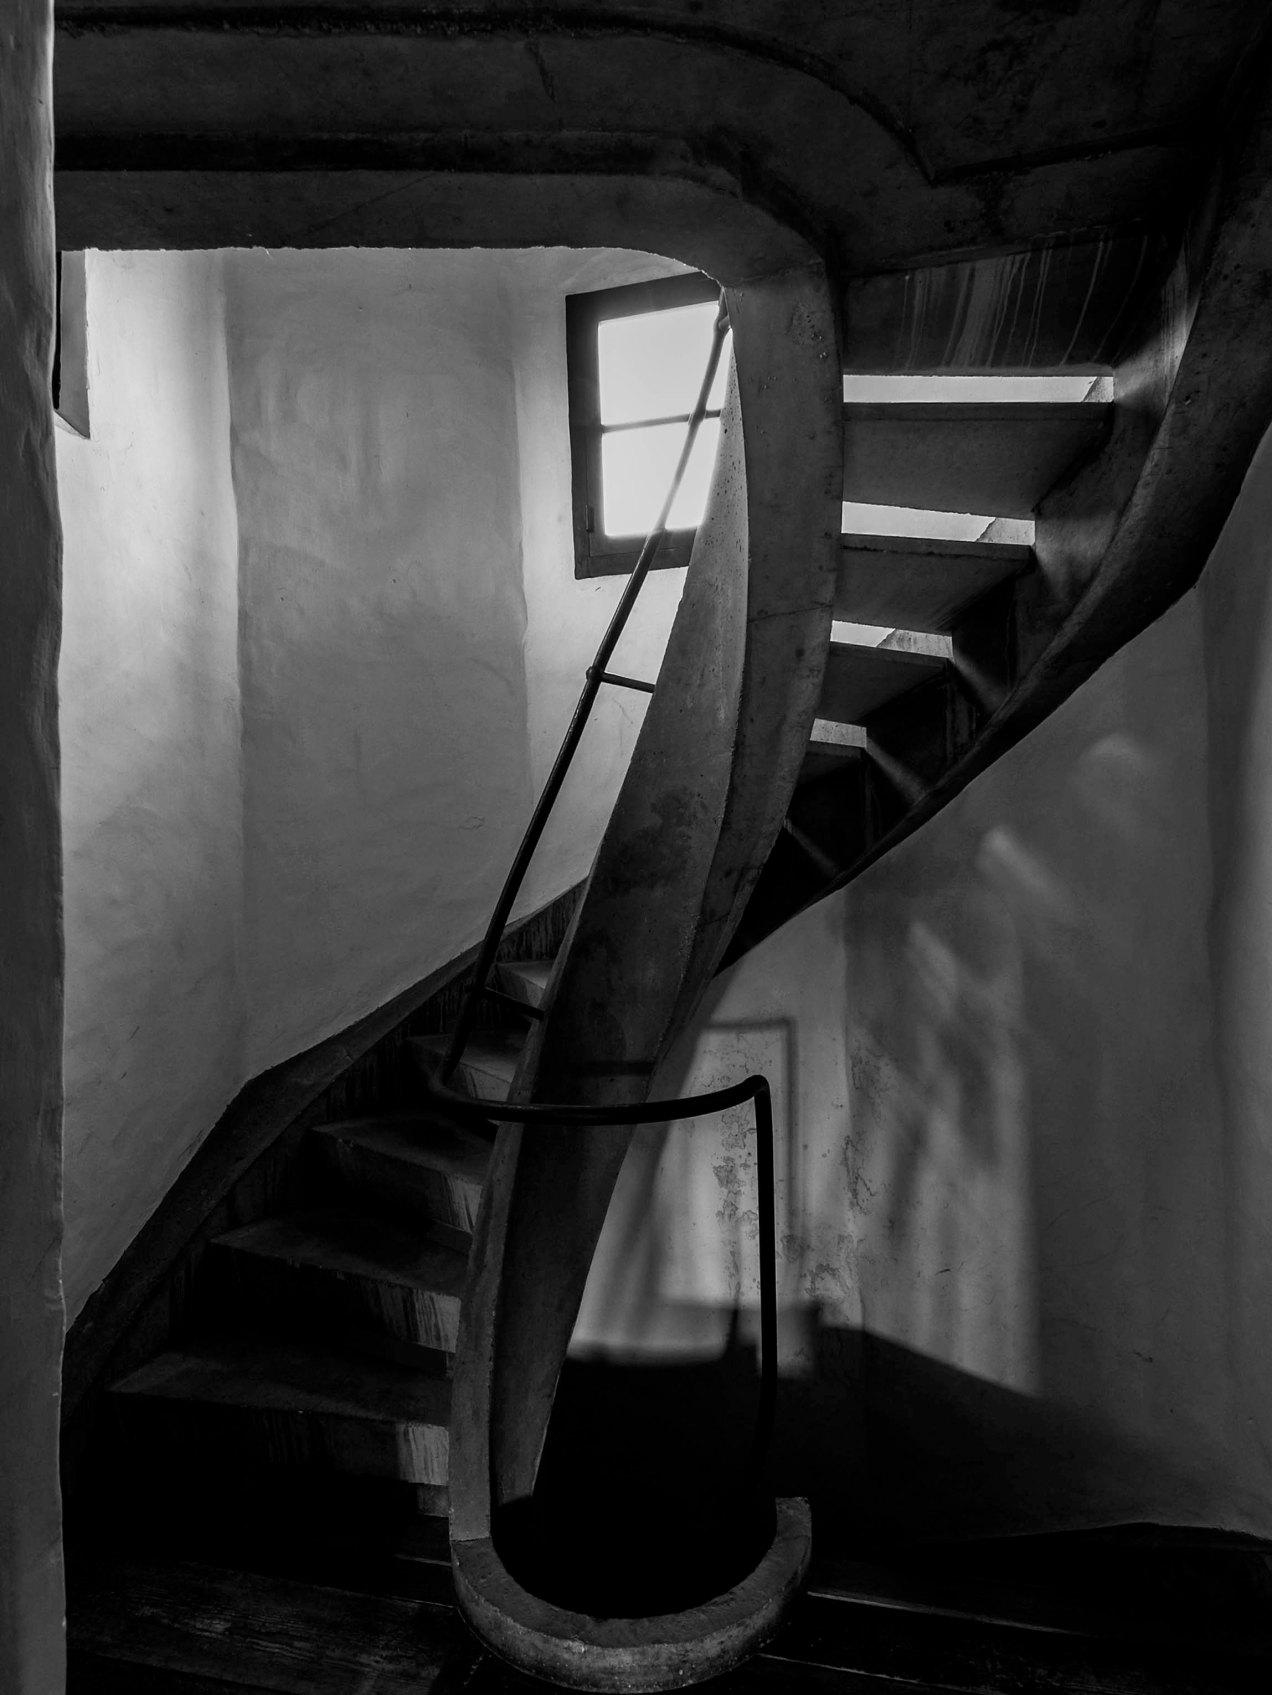 Escalier, béton, Anvers, Belgique, Boris Vervoordt, gildalliere, 2006